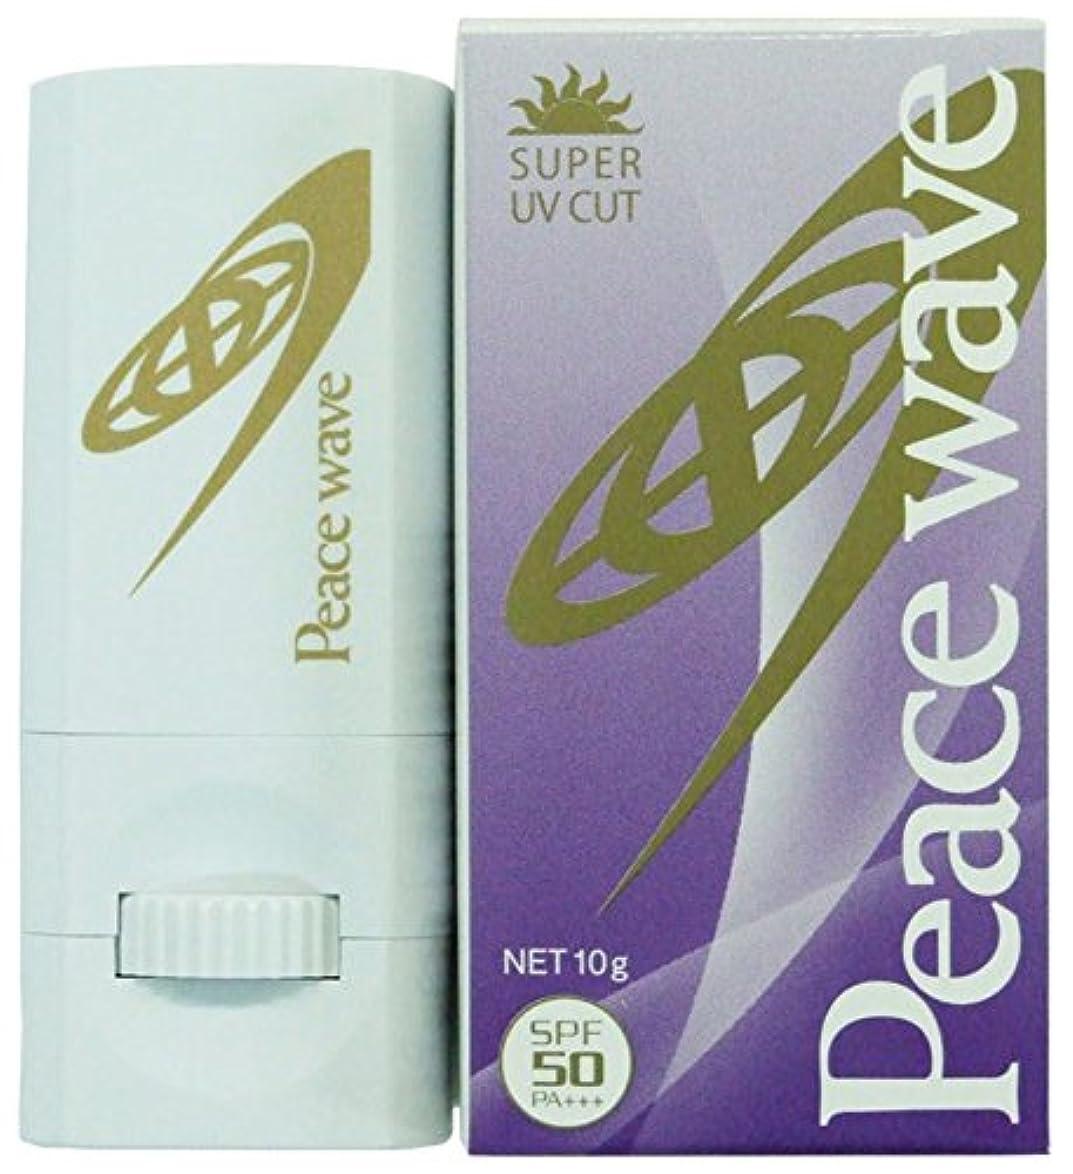 ハッチ最大の松明PEACE WAVE 日焼け止め UVフェイススティック SPF50 PA+++ ホワイト 10g 580250